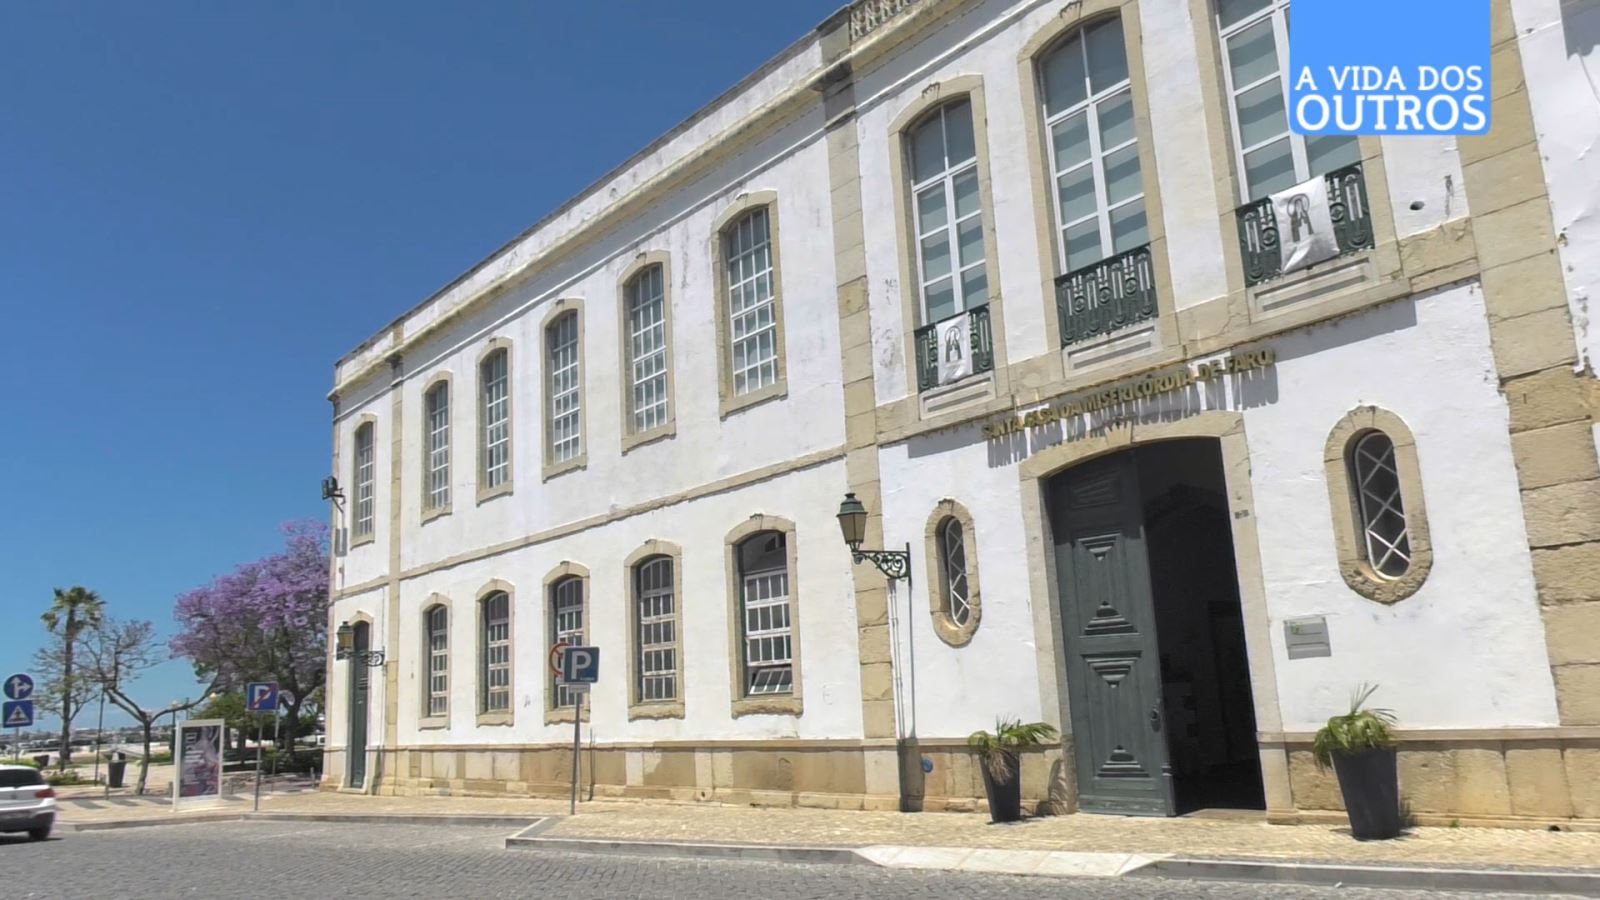 A Vida dos Outros | Cuidados Continuados - Rede UMP de farmacêuticos em Faro